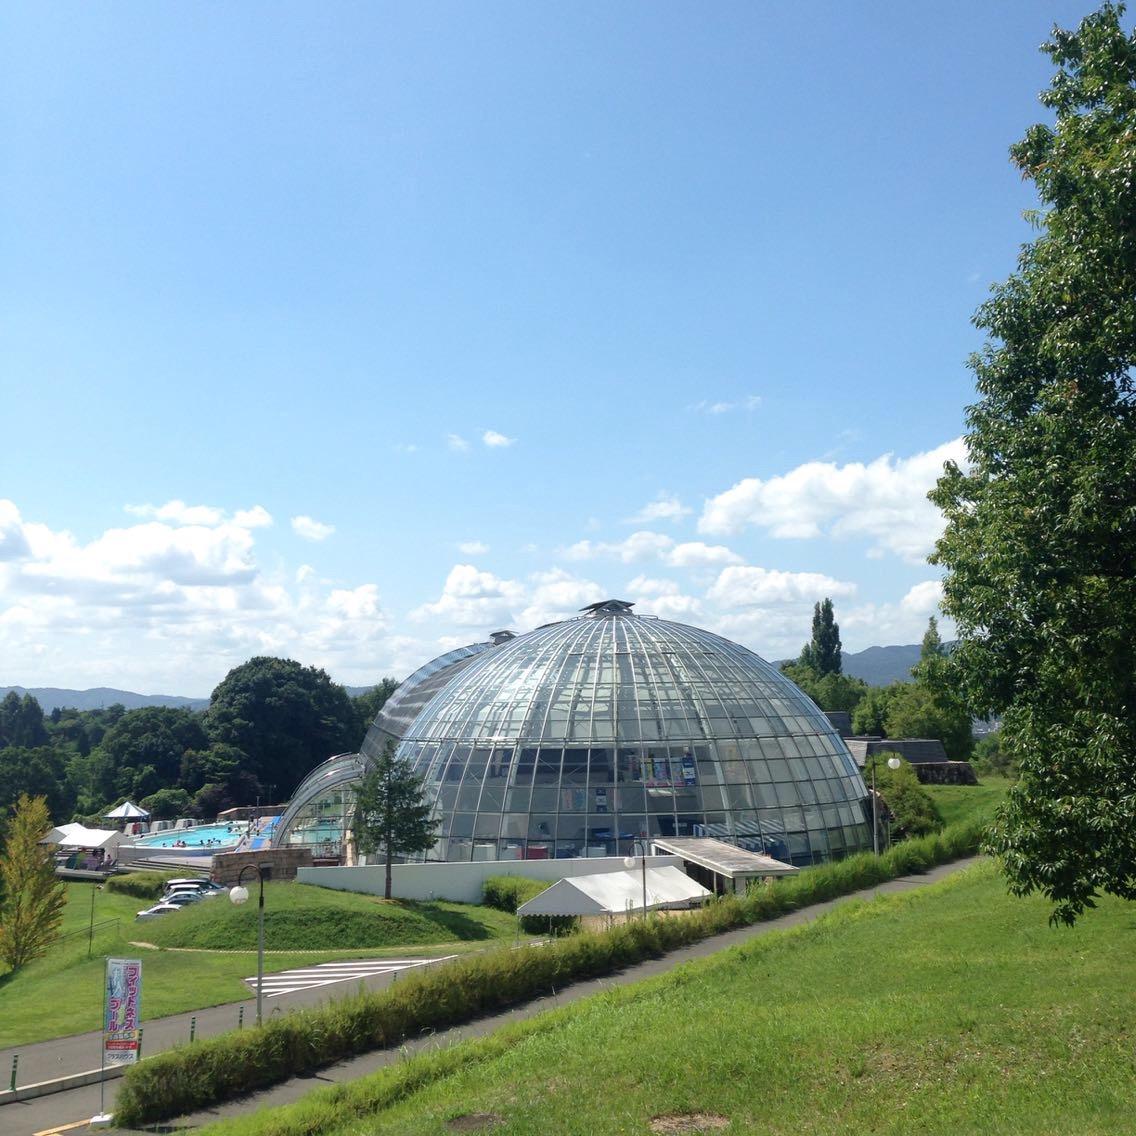 温水プールで一年中泳げる!巨大すべり台も楽しいグリーンヒルズ津山グラスハウス(岡山県)